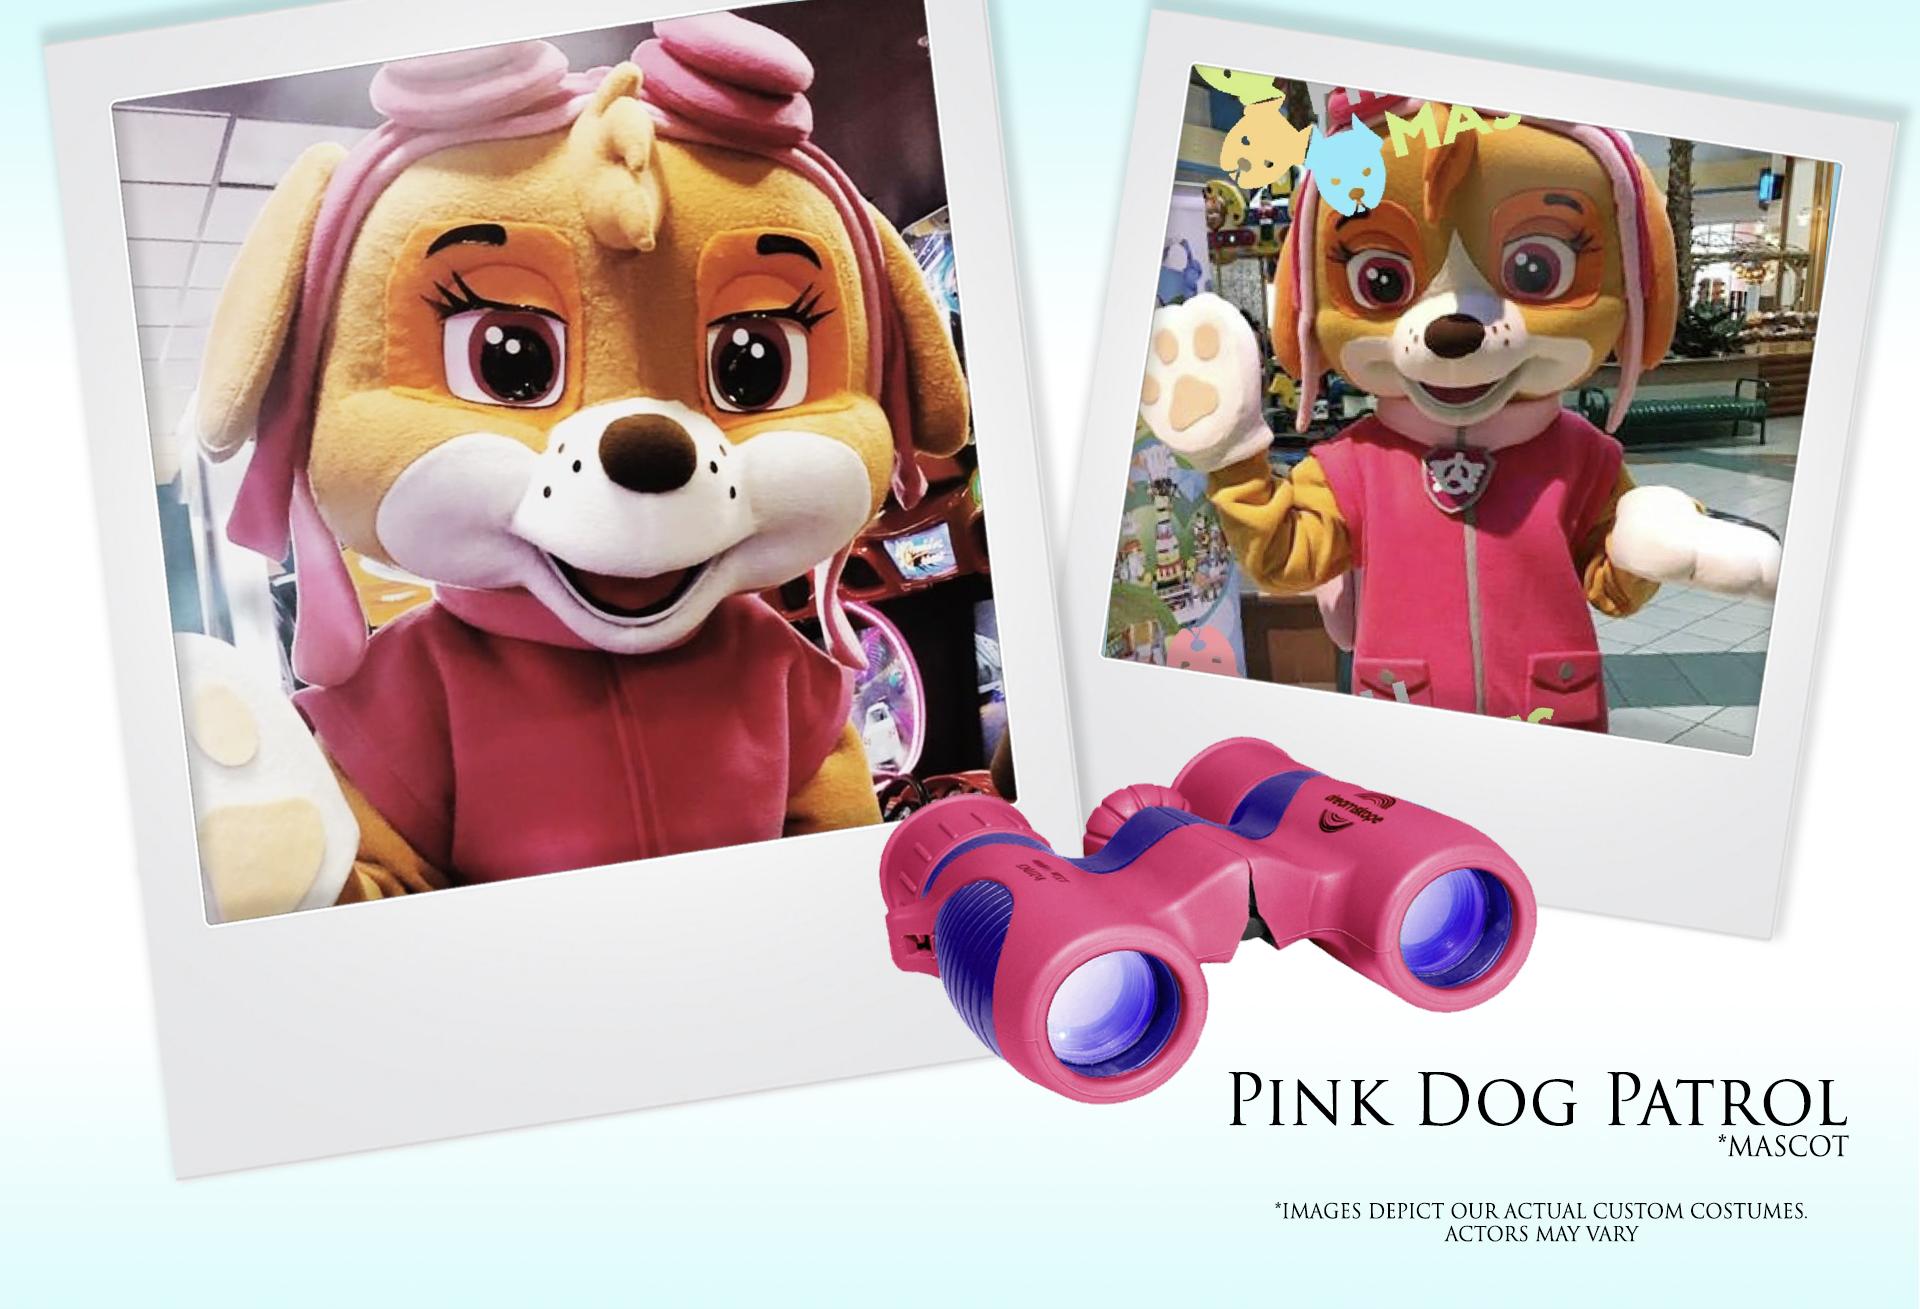 Pink Dog Patrol